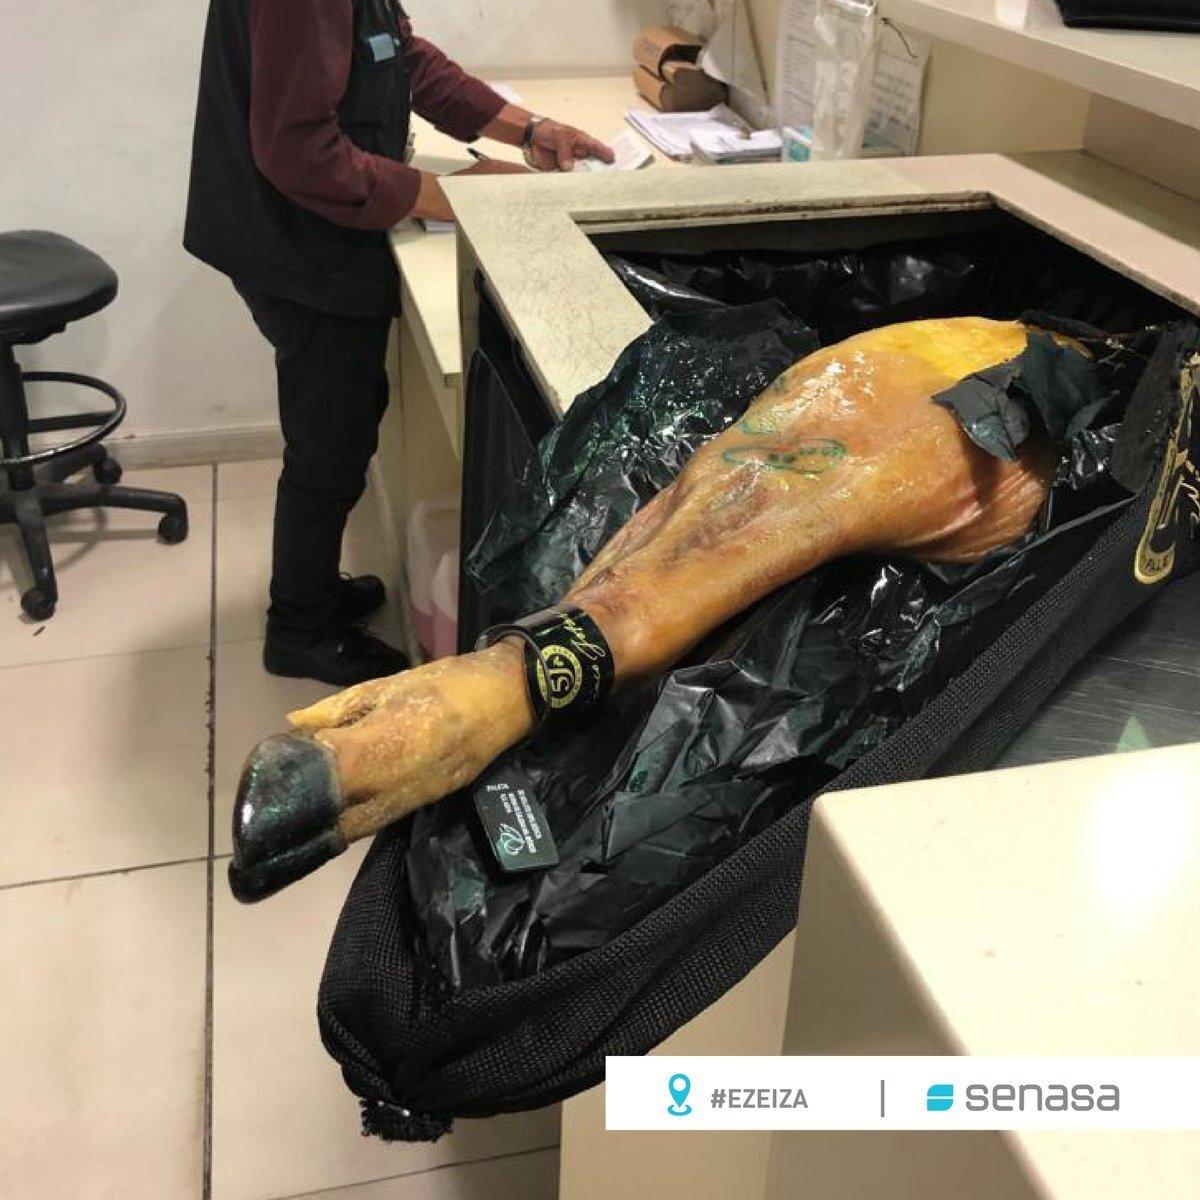 Cachondeo por lo que han hecho en una aduana de Argentina con este jamón 5